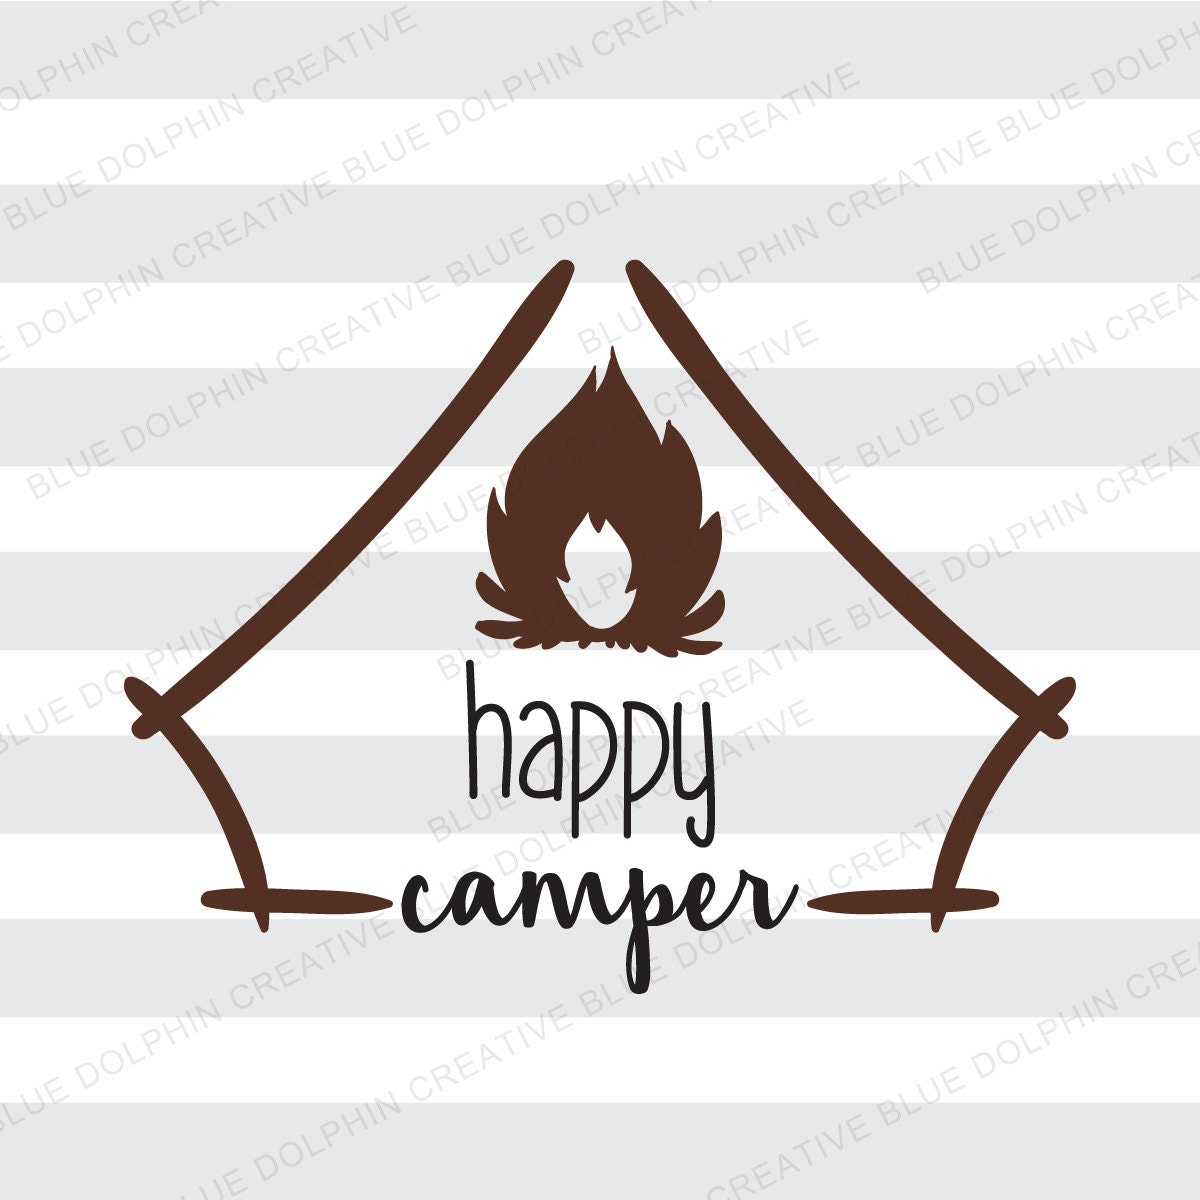 Happy Camper SVG pdf png / Cricut Silhouette cutting files